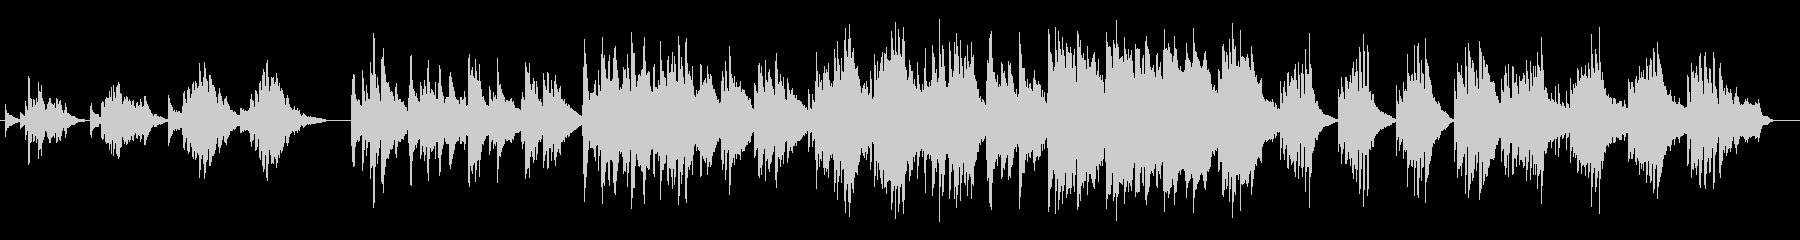 お洒落なピアノバラードの未再生の波形